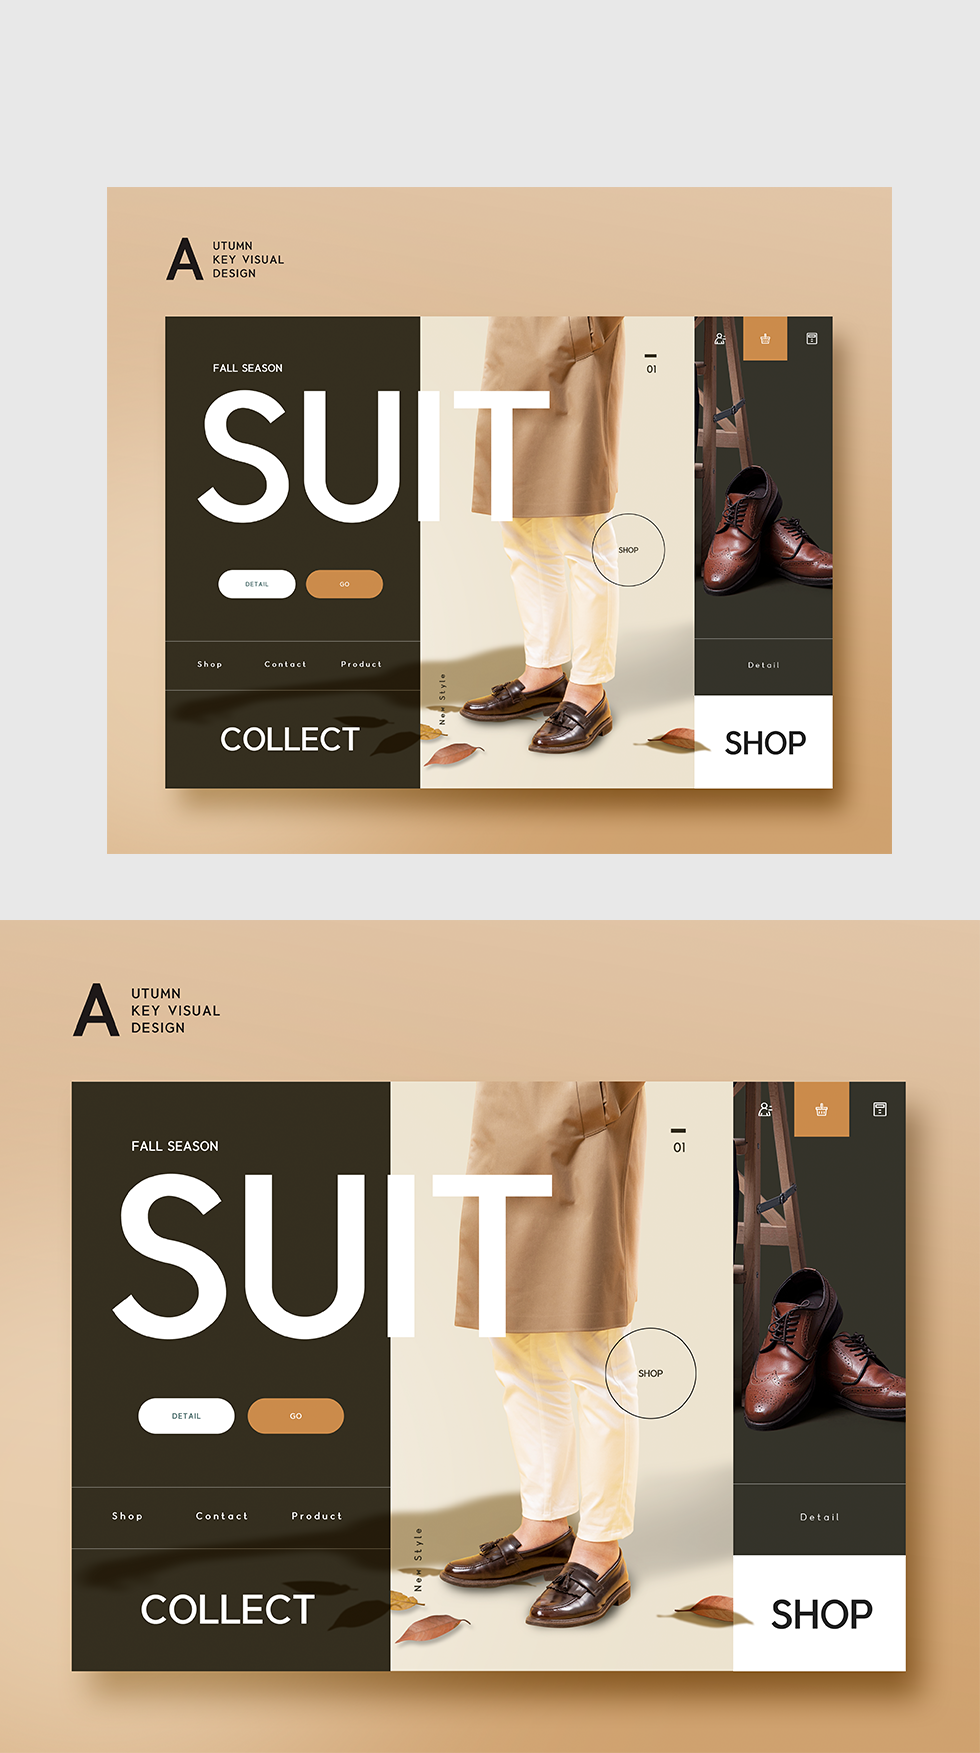 棕色简约高端服装男鞋响应式WEB界面设计源文件